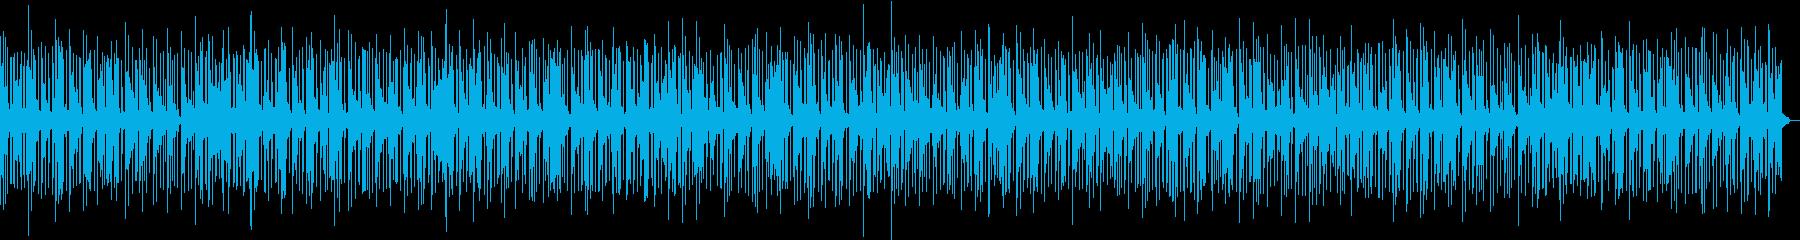 メロウで幻想的で落ち着いたエレピBGMの再生済みの波形